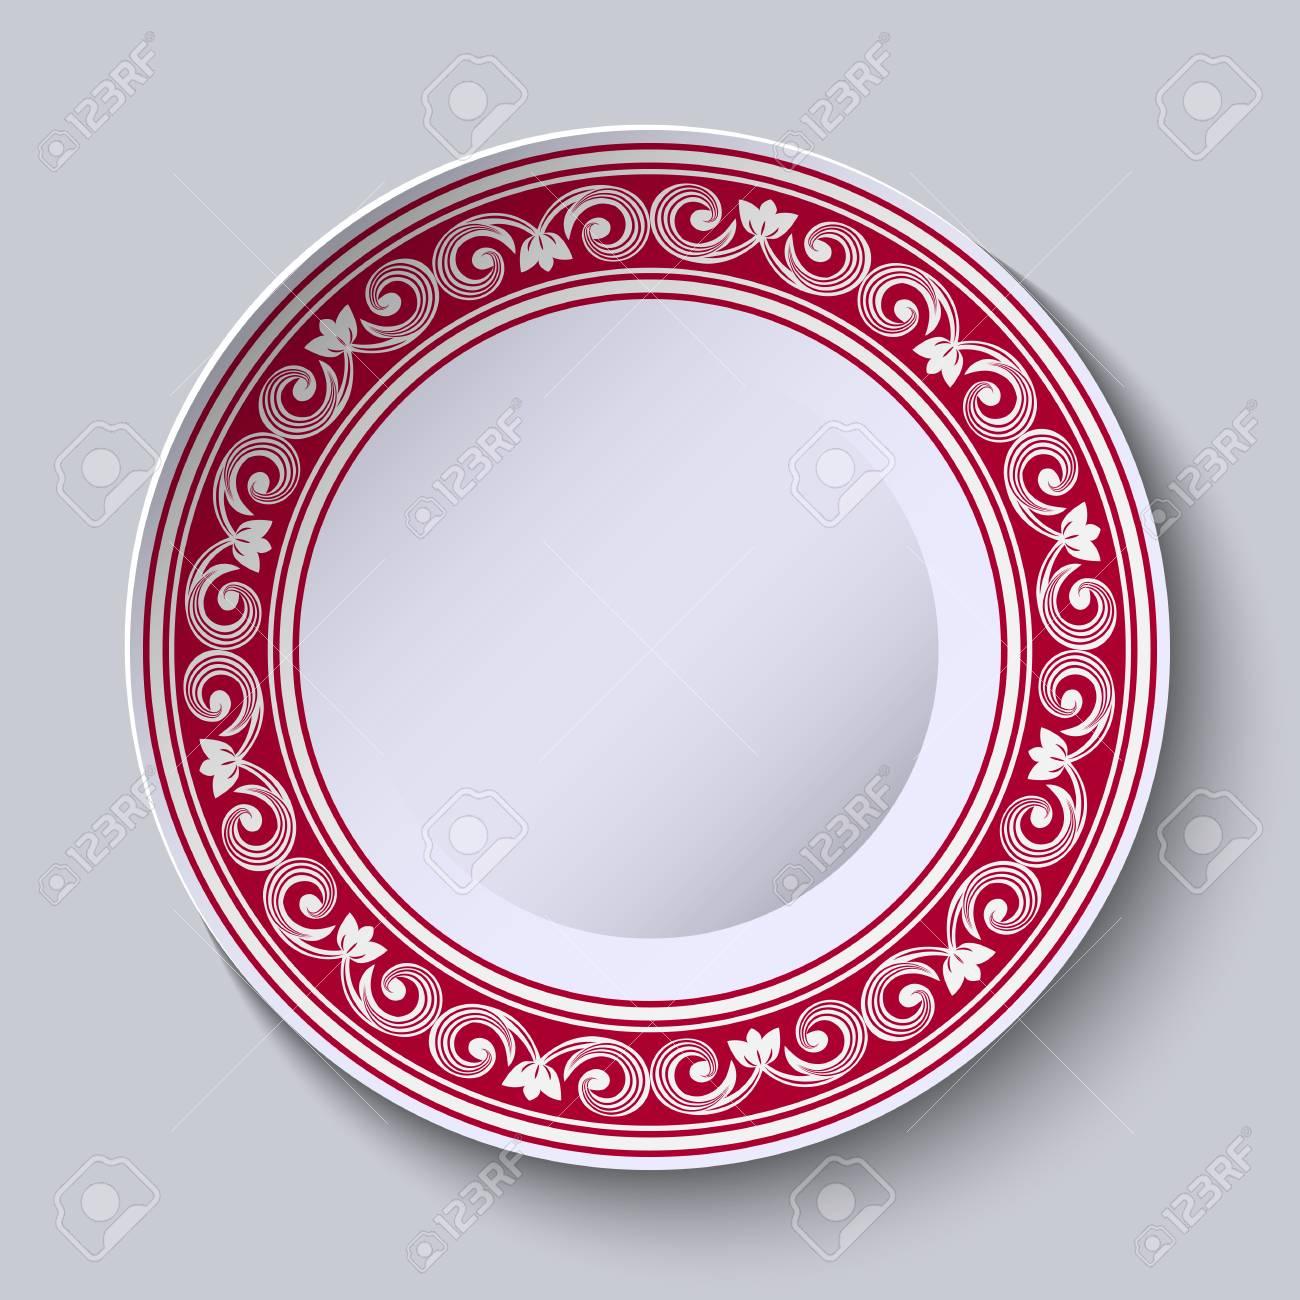 Peinture Sur Porcelaine Assiette assiette avec bordure ornementale rouge. modèle de conception dans la  peinture de porcelaine chinoise de style ethnique. illustration vectorielle